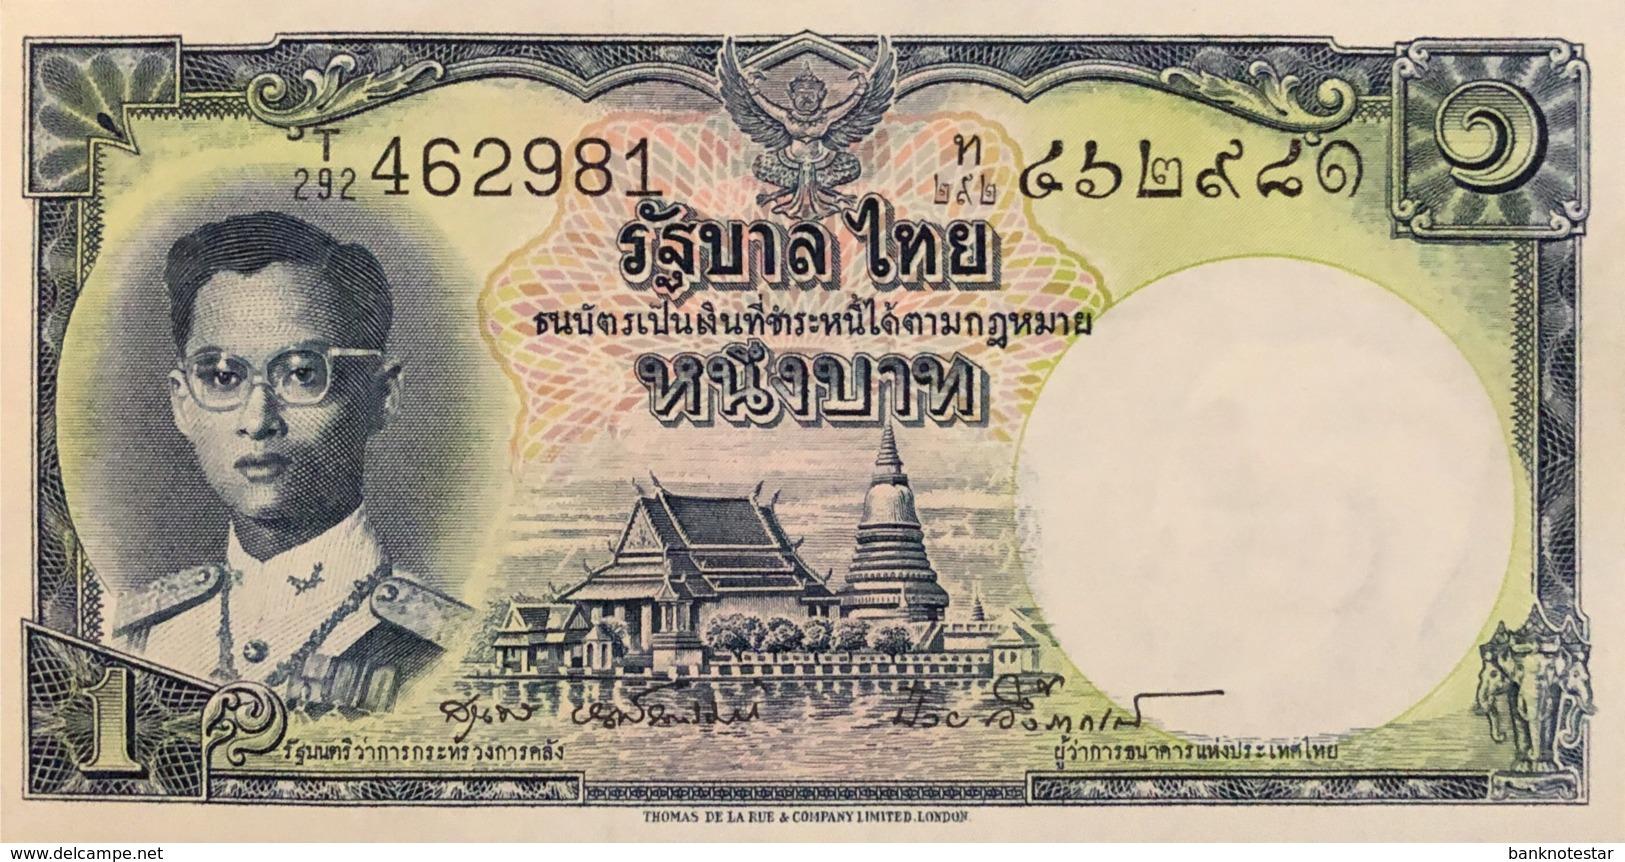 Thailand 1 Bath, P-74d (1955) - UNC - Signature 41 - Thailand